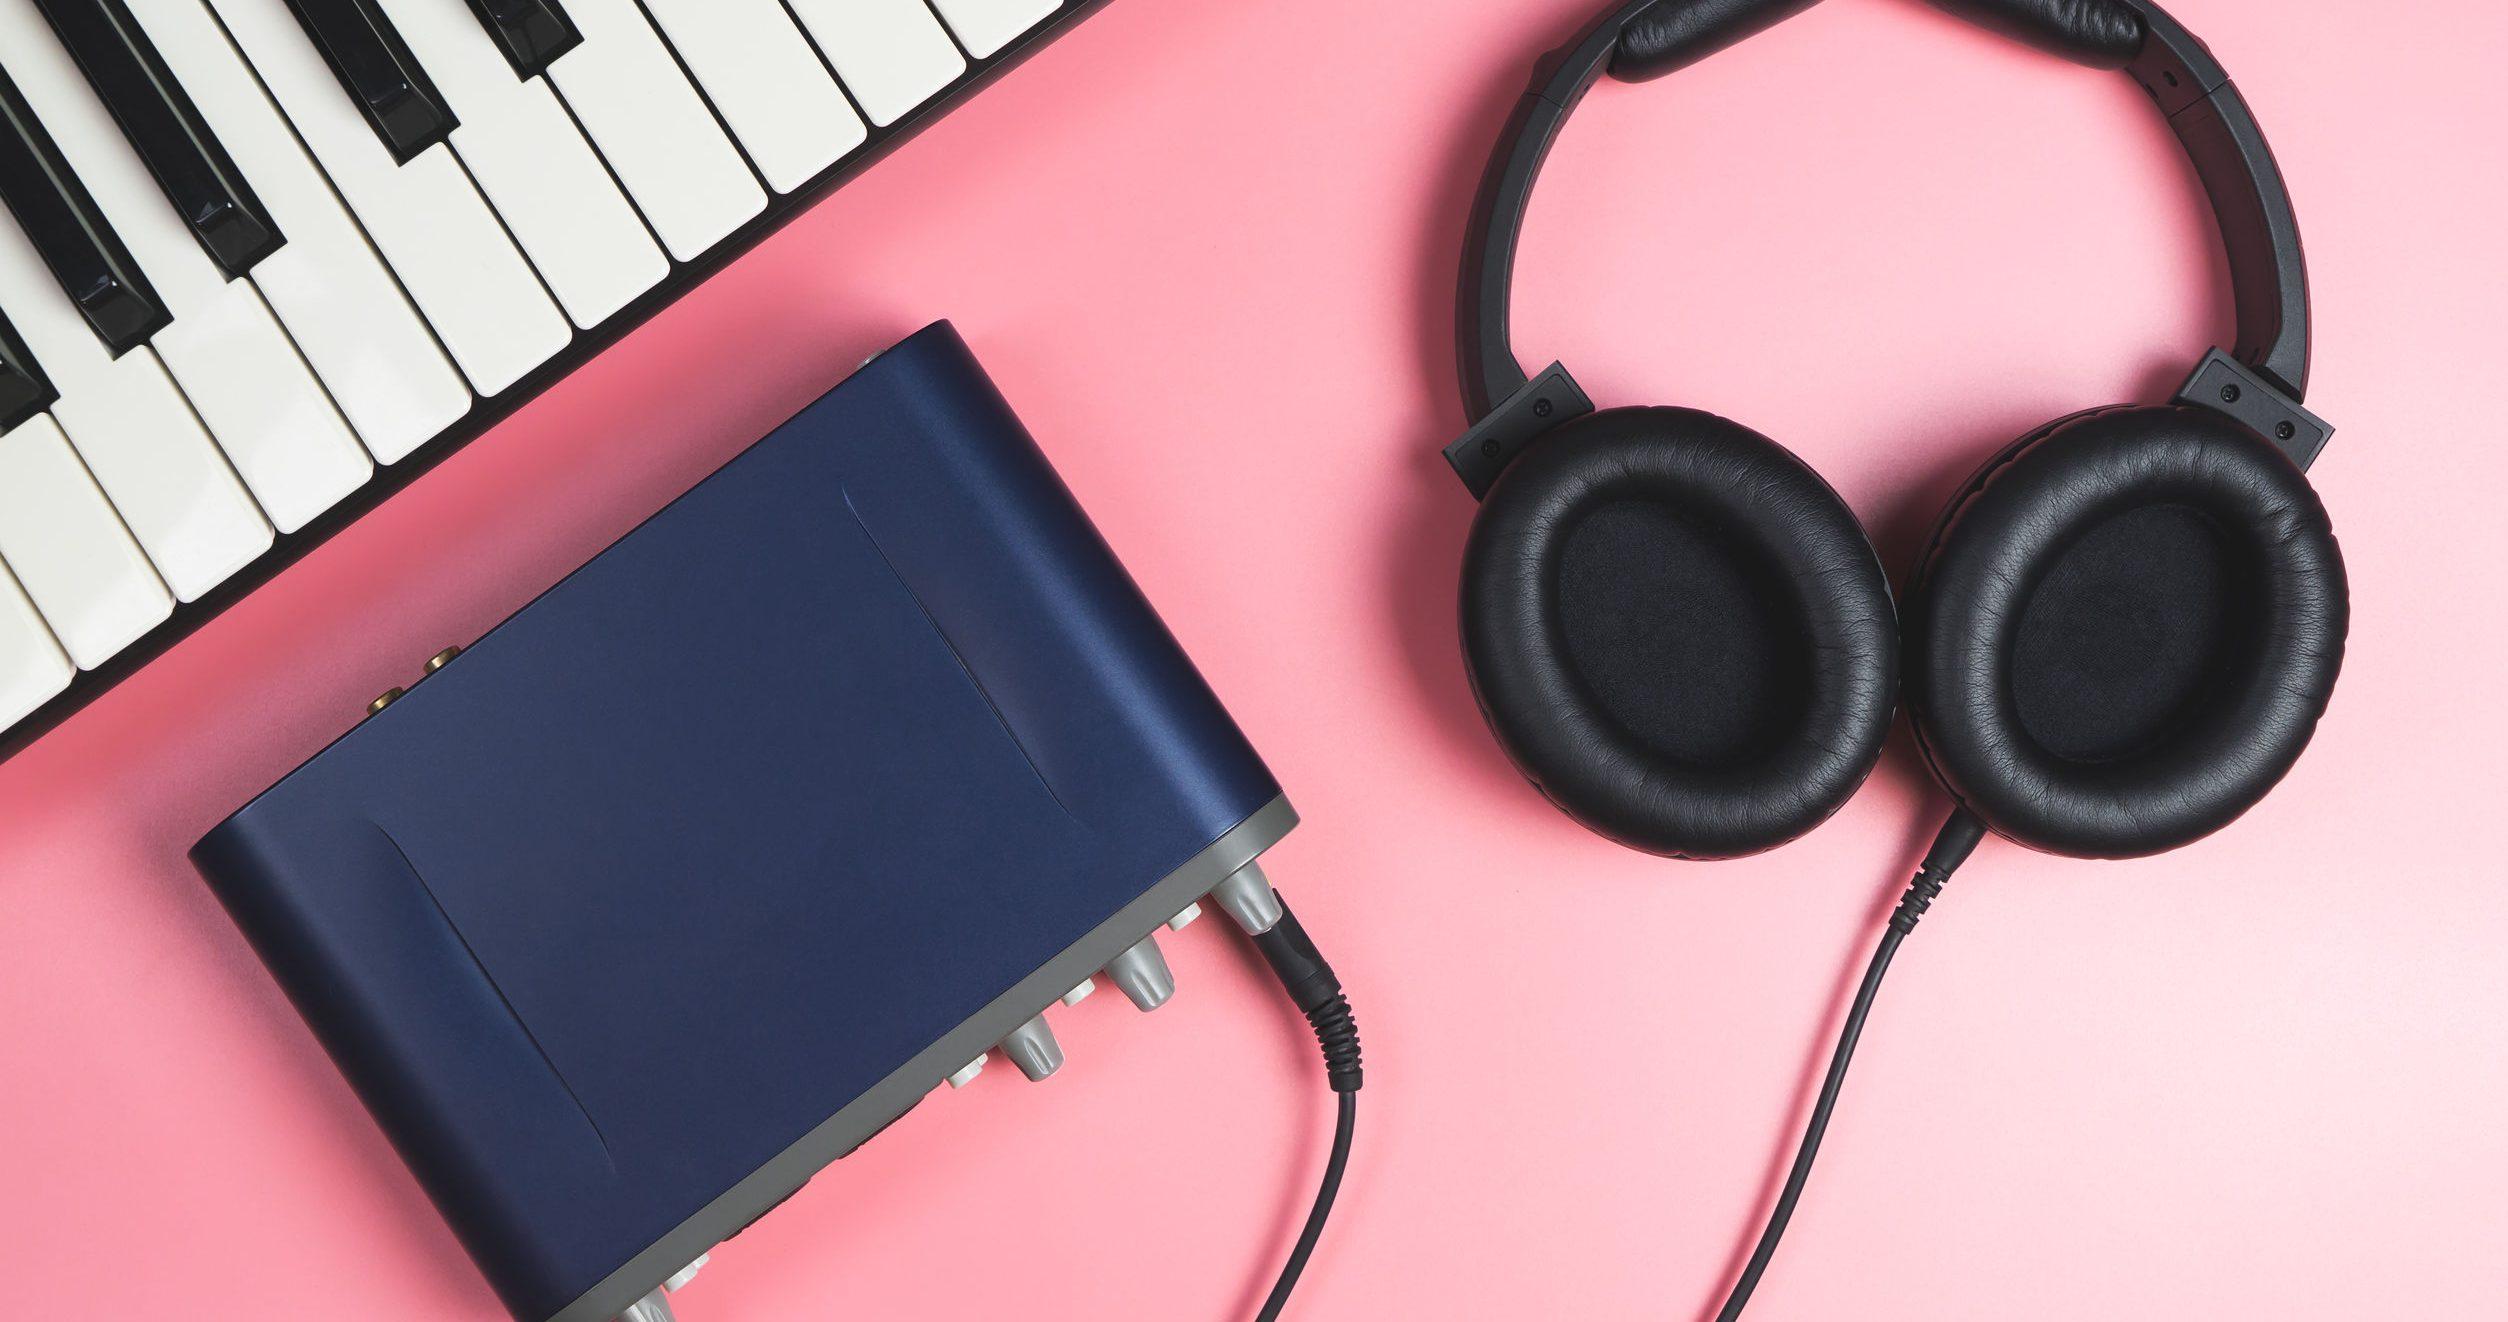 placa de som externa e fones de ouvido